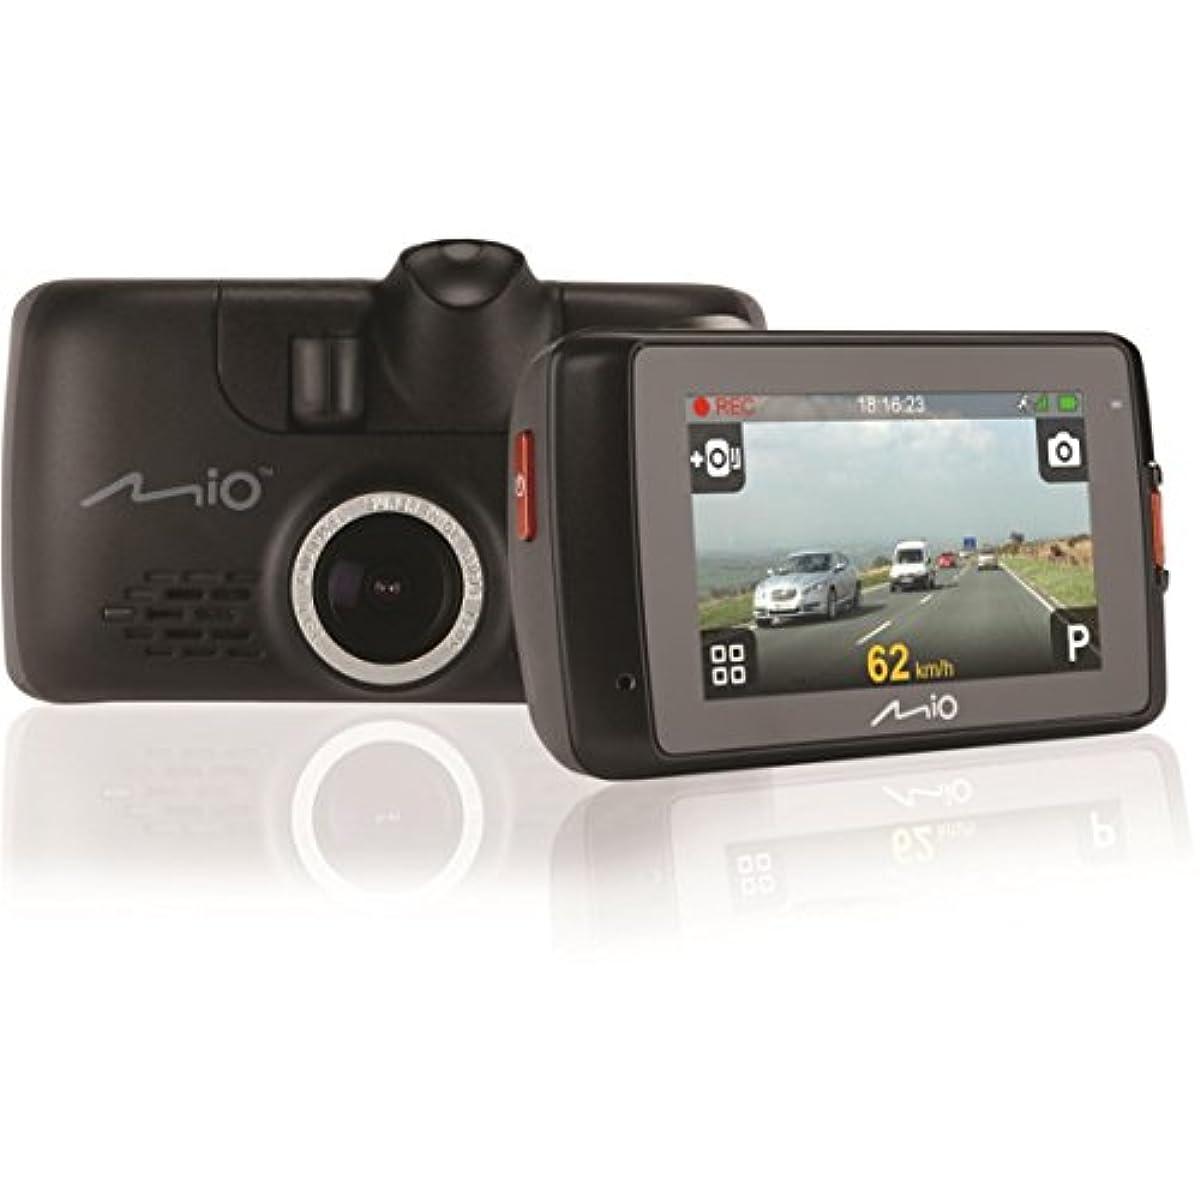 mio mivue 638 touch dashcam videokamera f r auto mit. Black Bedroom Furniture Sets. Home Design Ideas